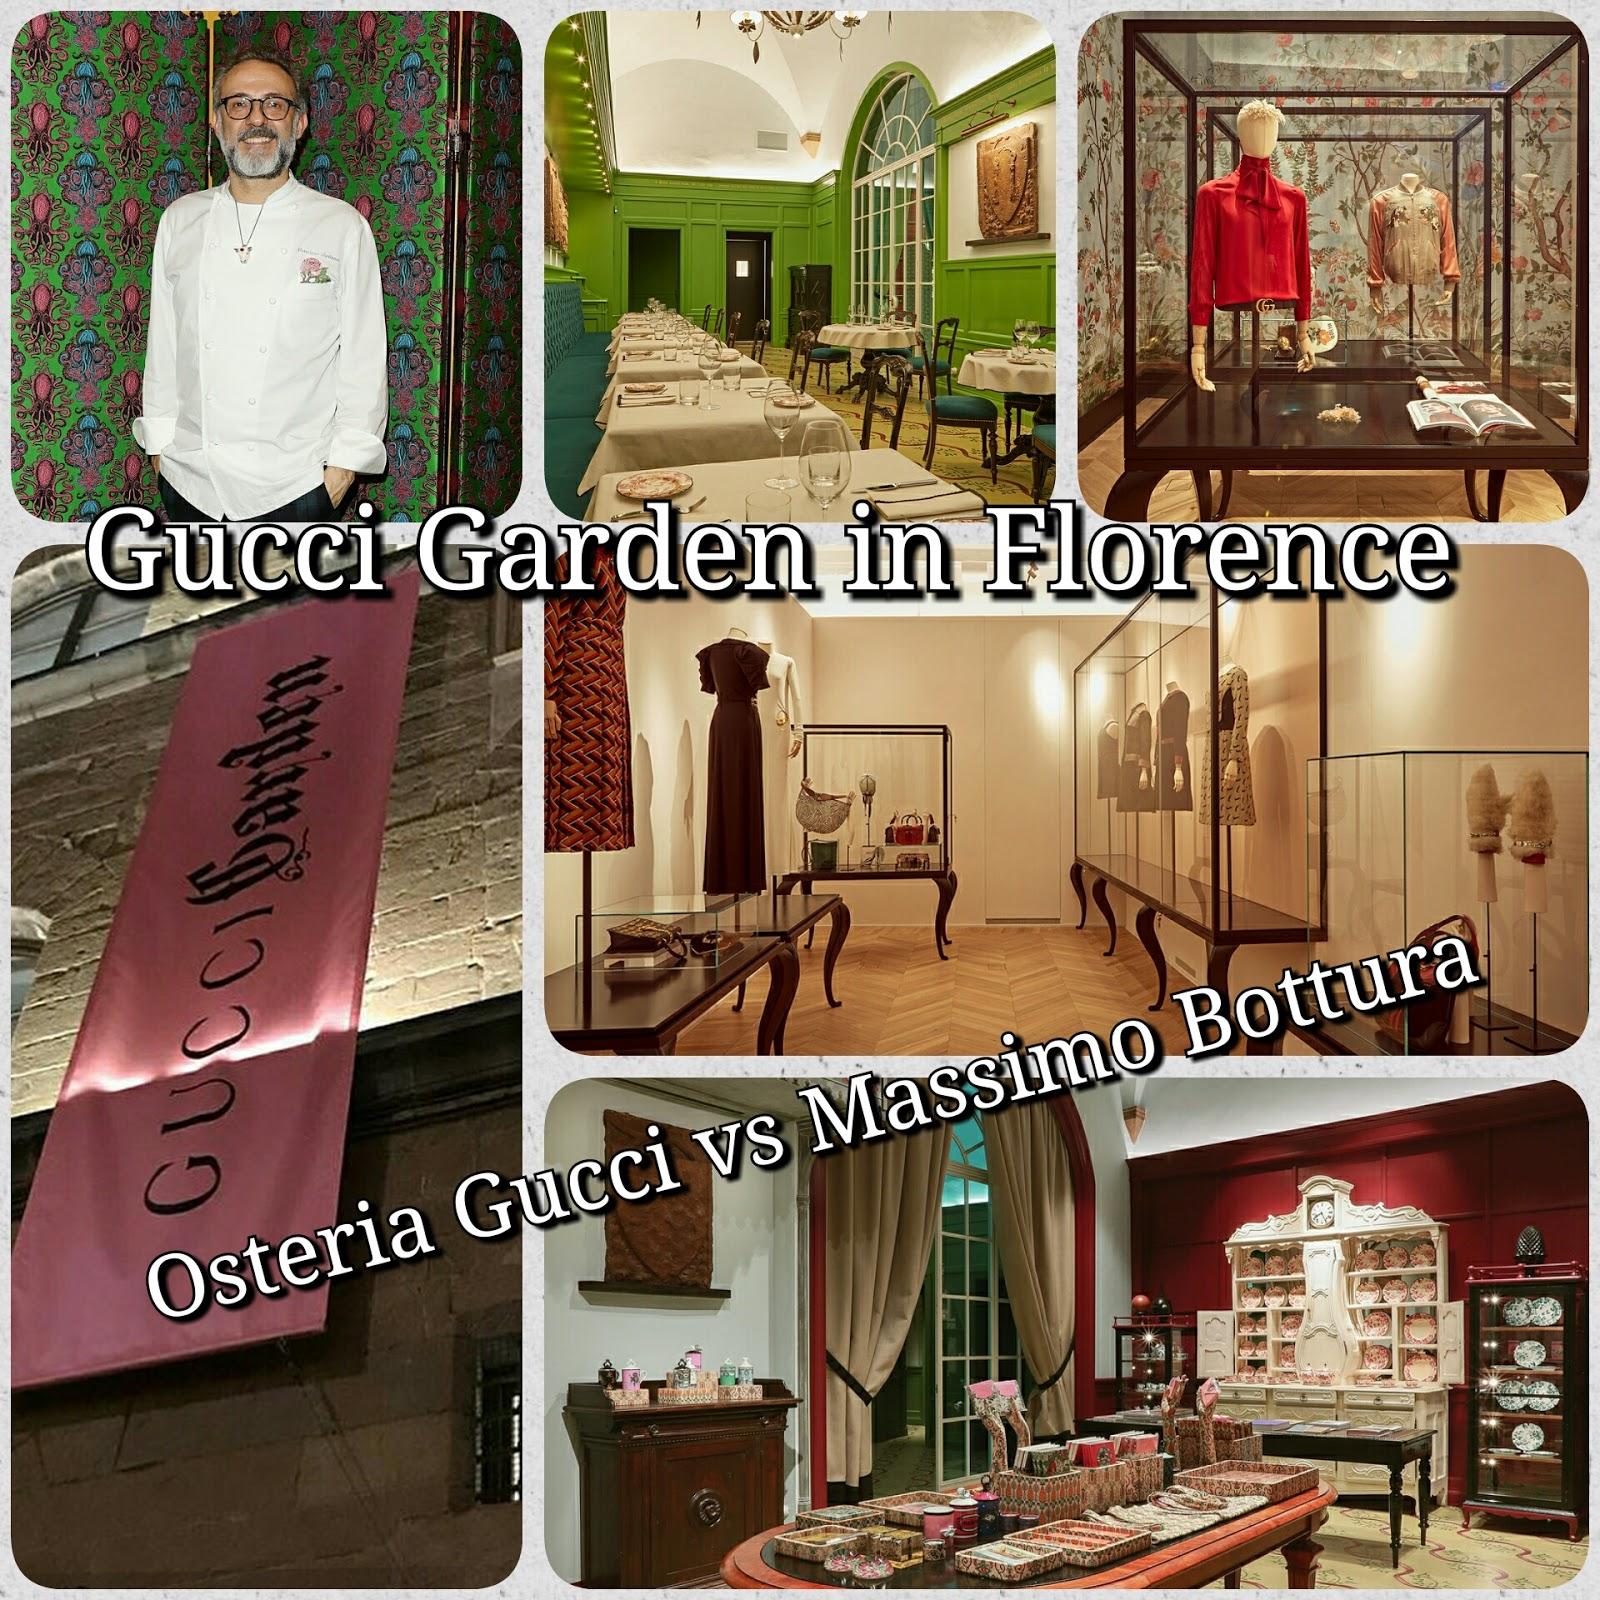 Gucci Garden: il Paese delle meraviglie esiste! Inaugura a Firenze anche l'Osteria Gucci nelle mani dello Chef stellato Massimo Bottura